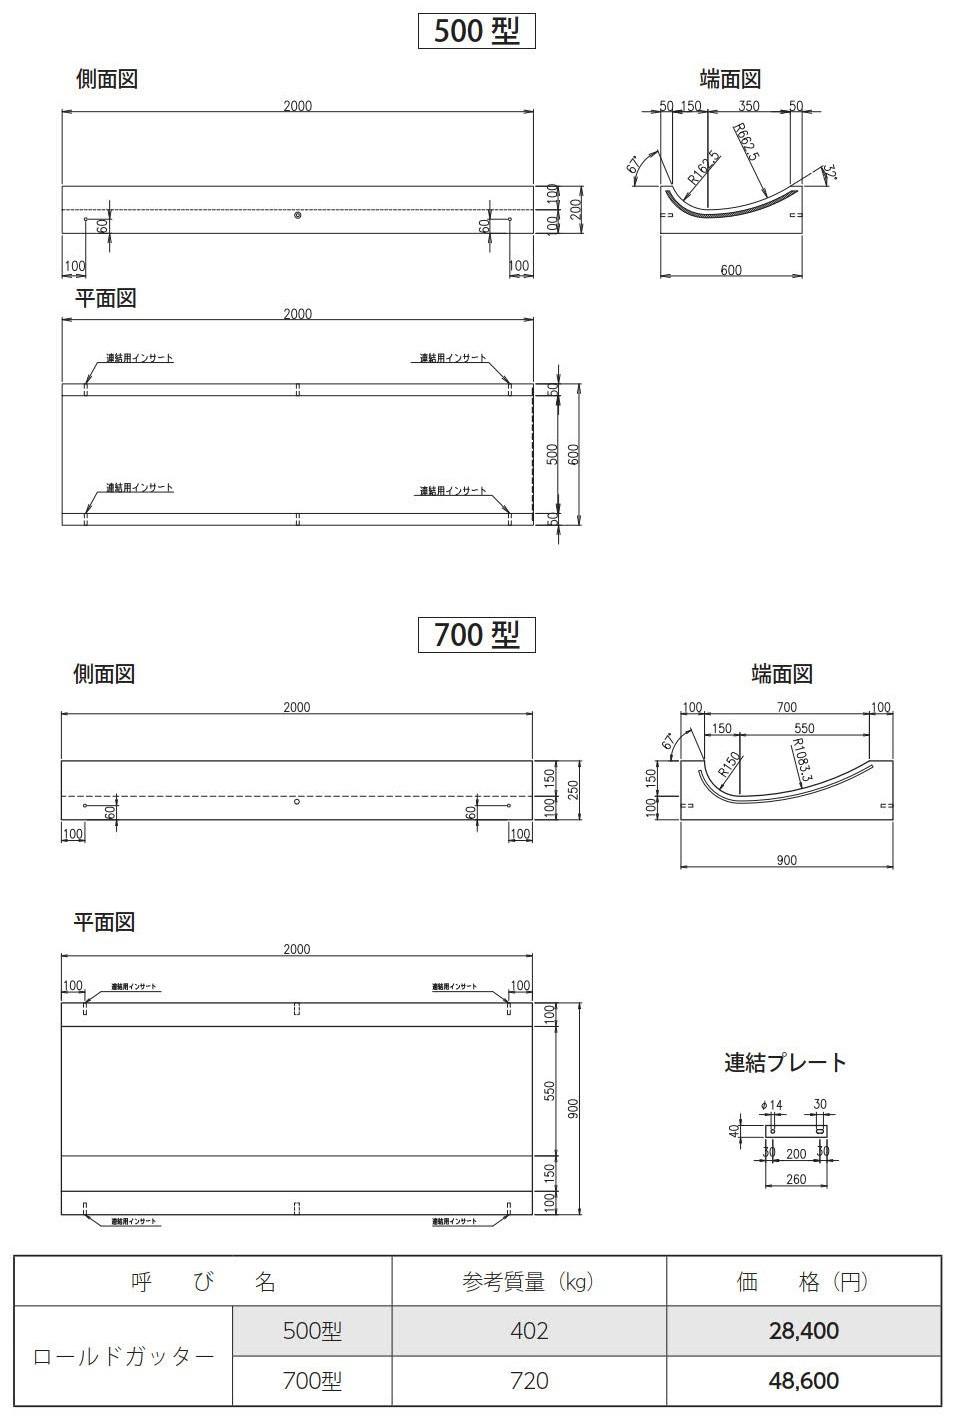 道路用一般側溝|ロールドガッター 外形寸法 0